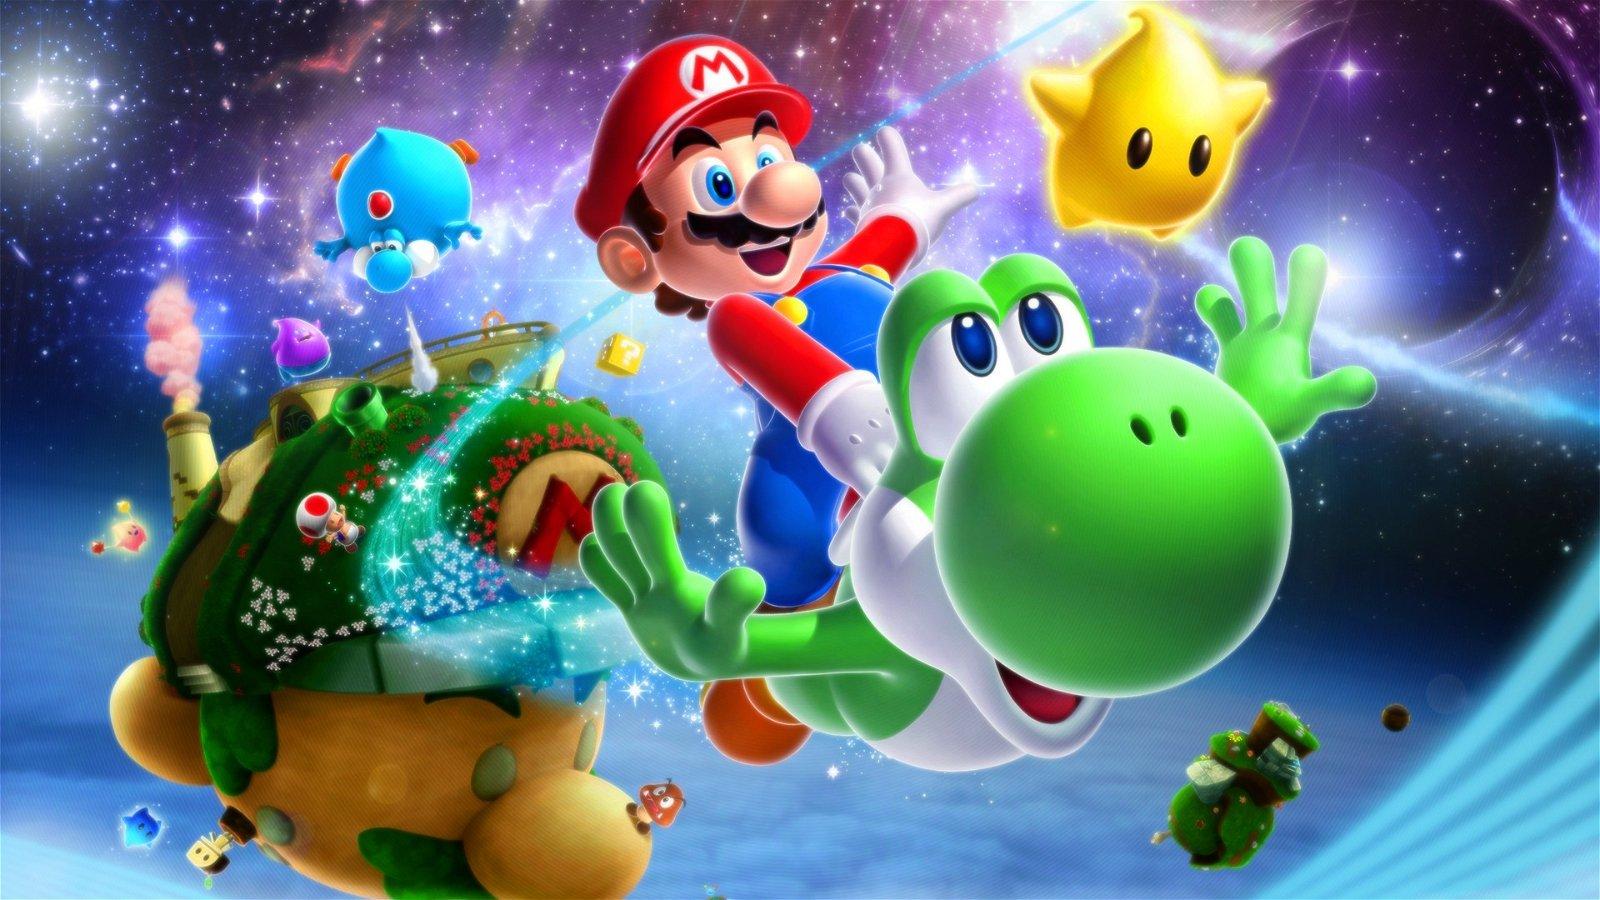 Así sería Super Mario Galaxy en la vida real